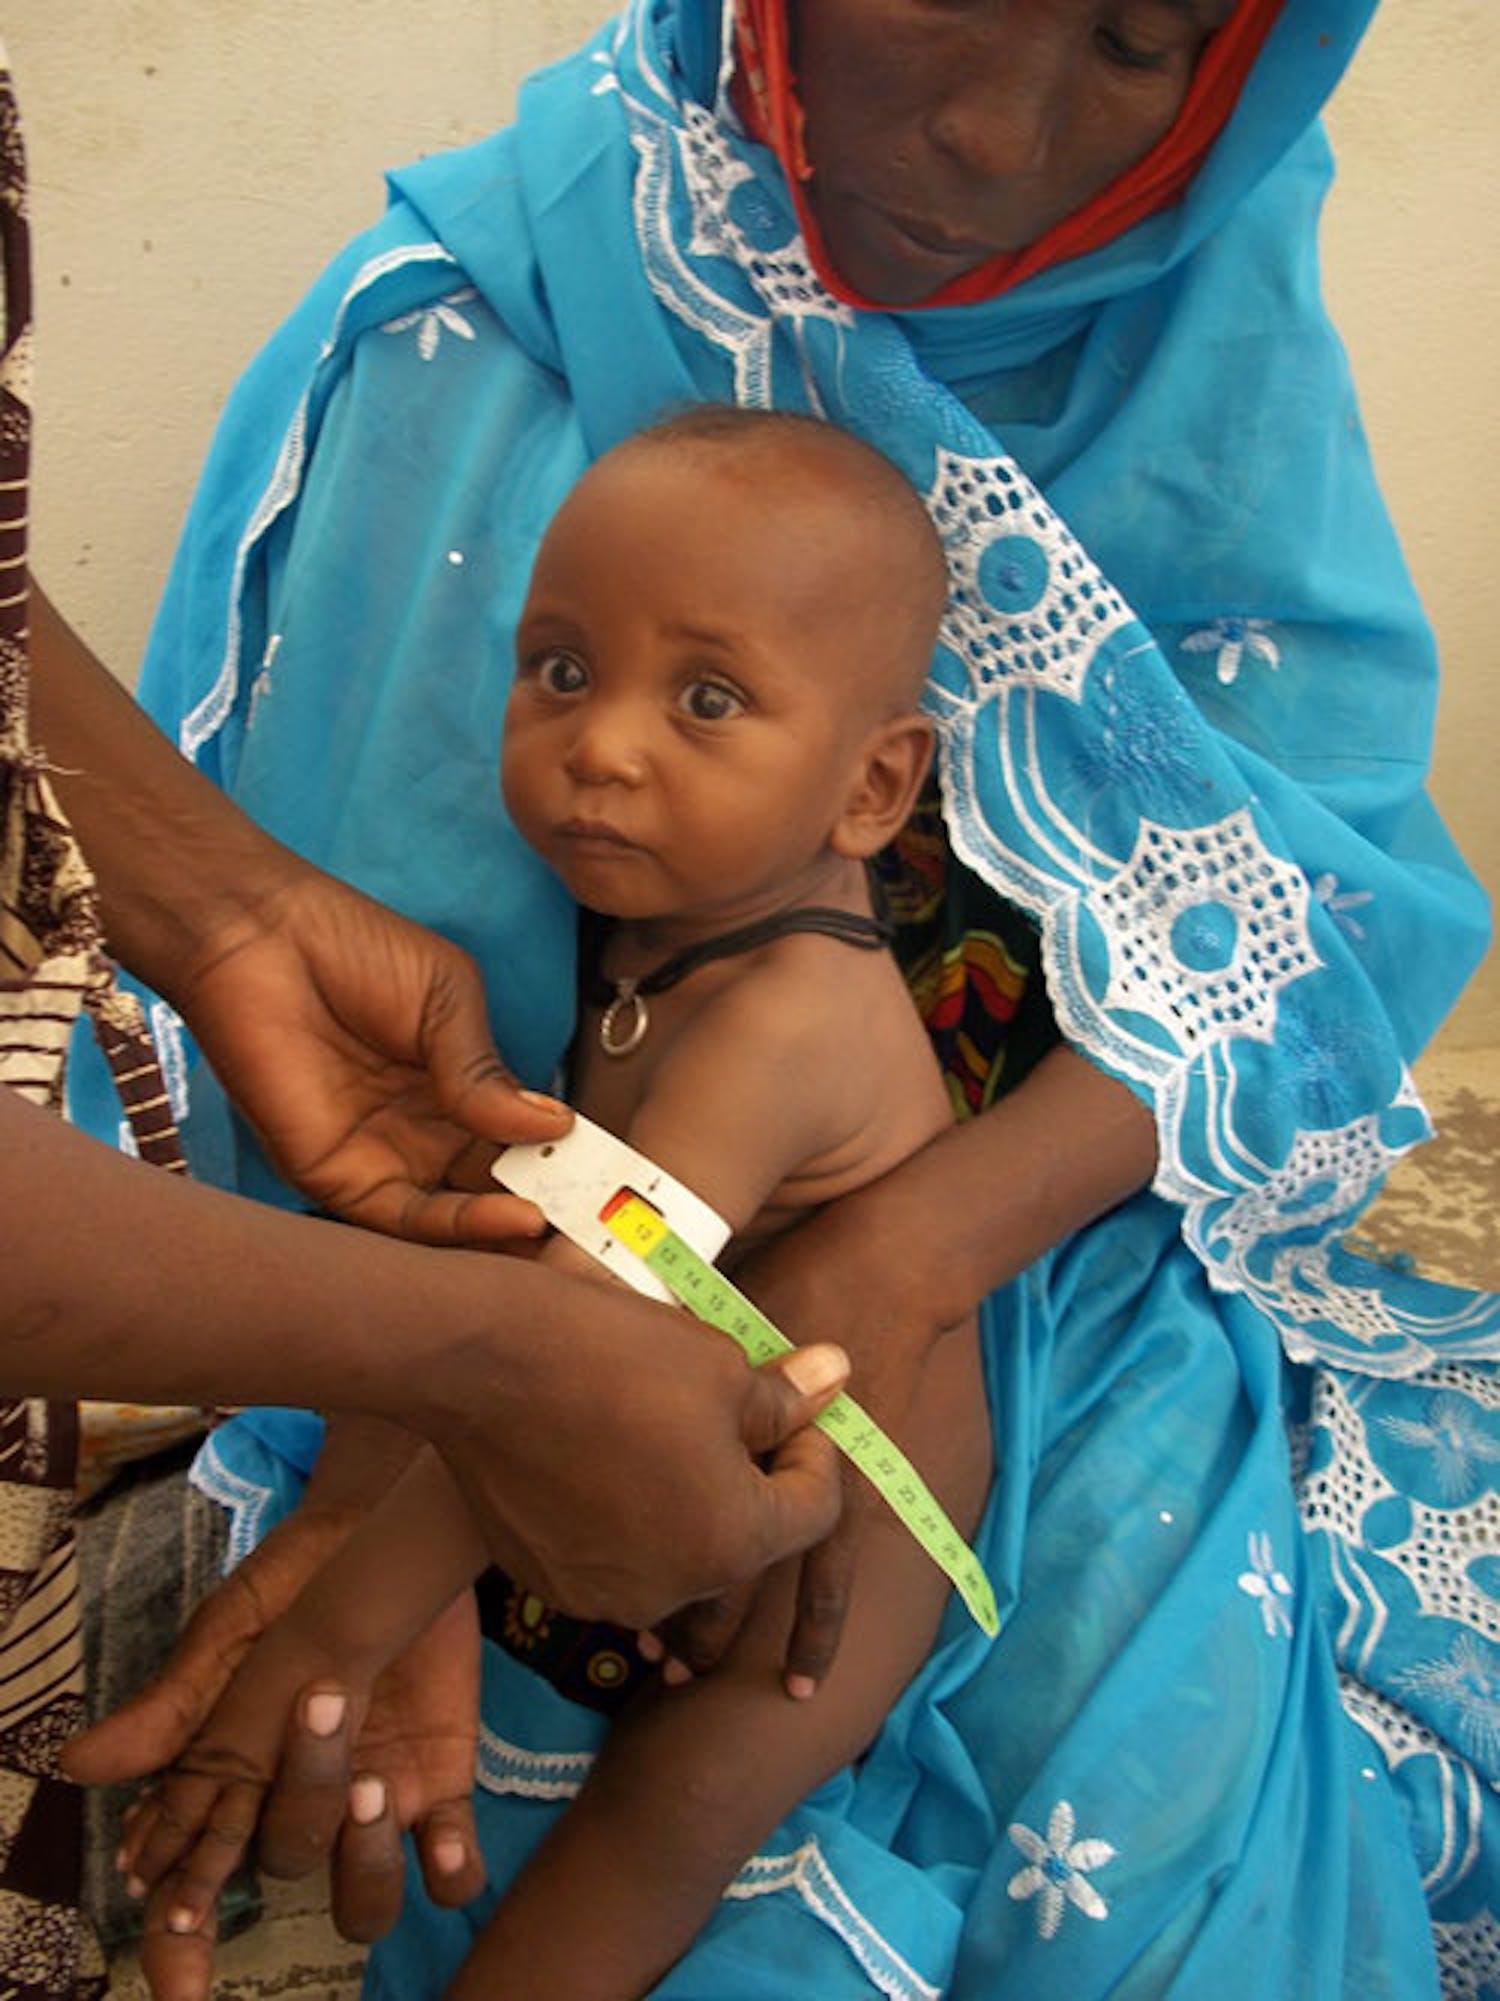 A questo bambino, in braccio alla mamma, viene misurata la circonferenza del braccio come indicatore della malnutrizione. ©Saira Cutrone